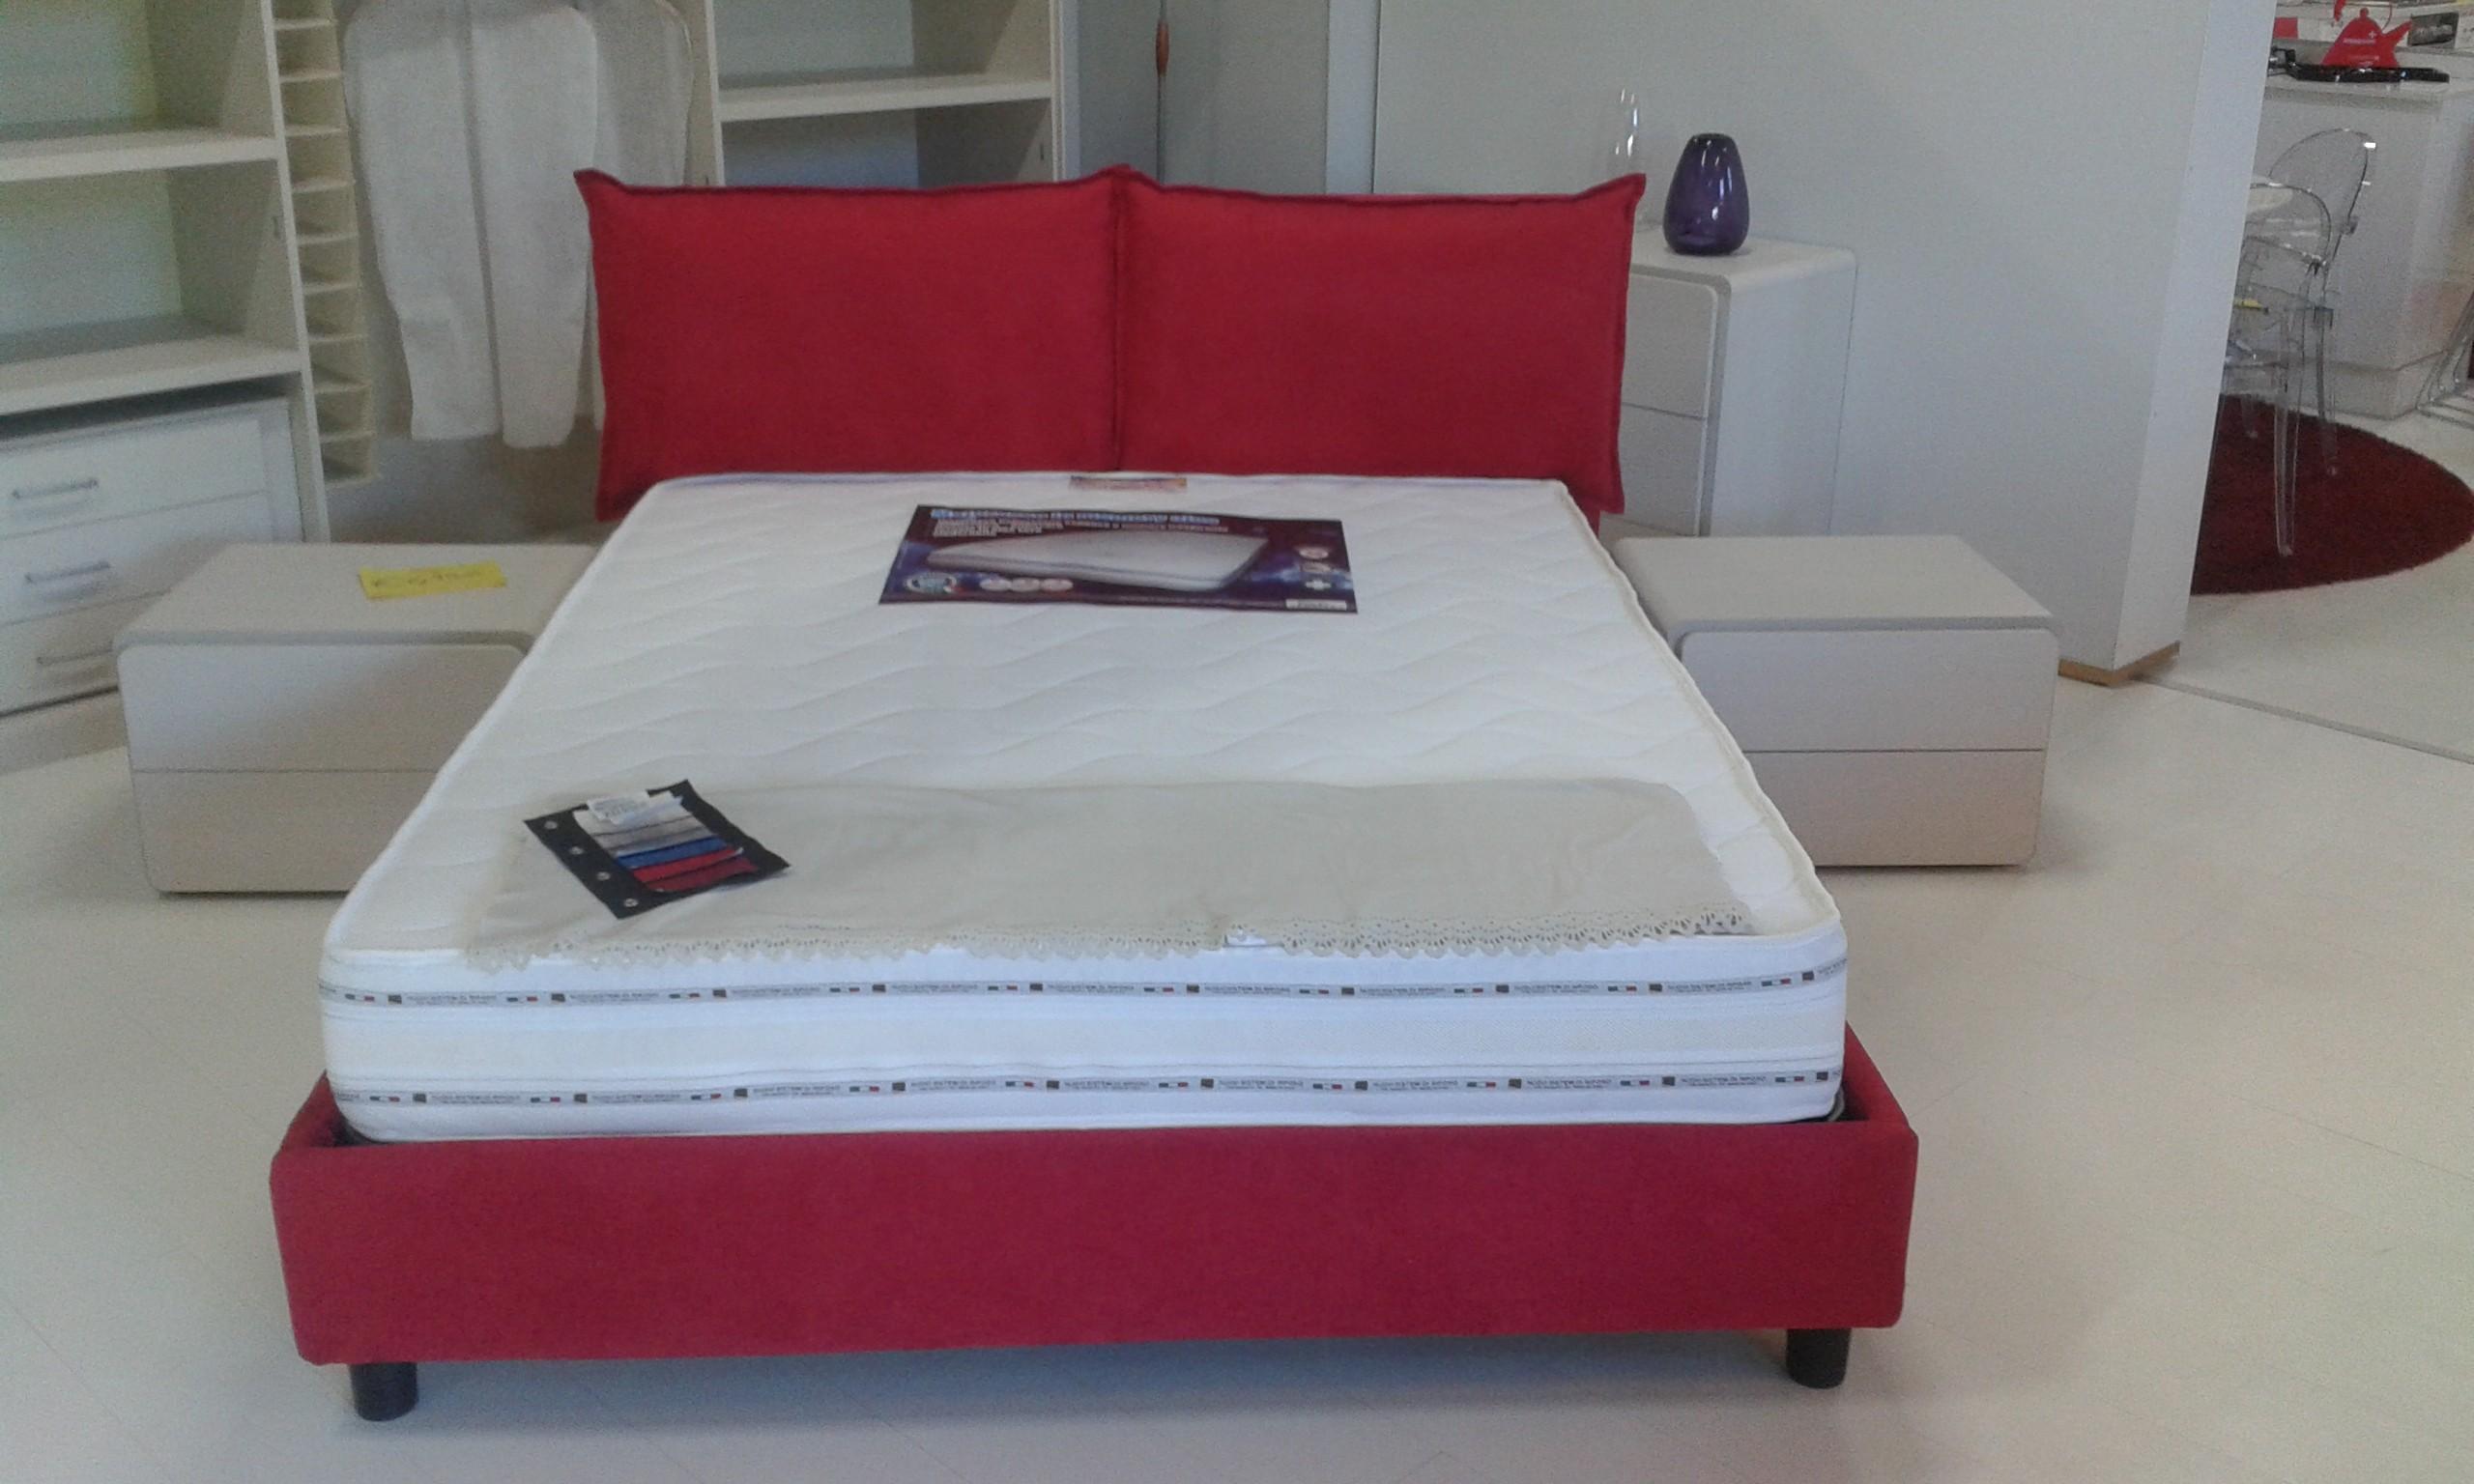 Appendiabiti stile veneziano - Testata del letto con cuscini ...